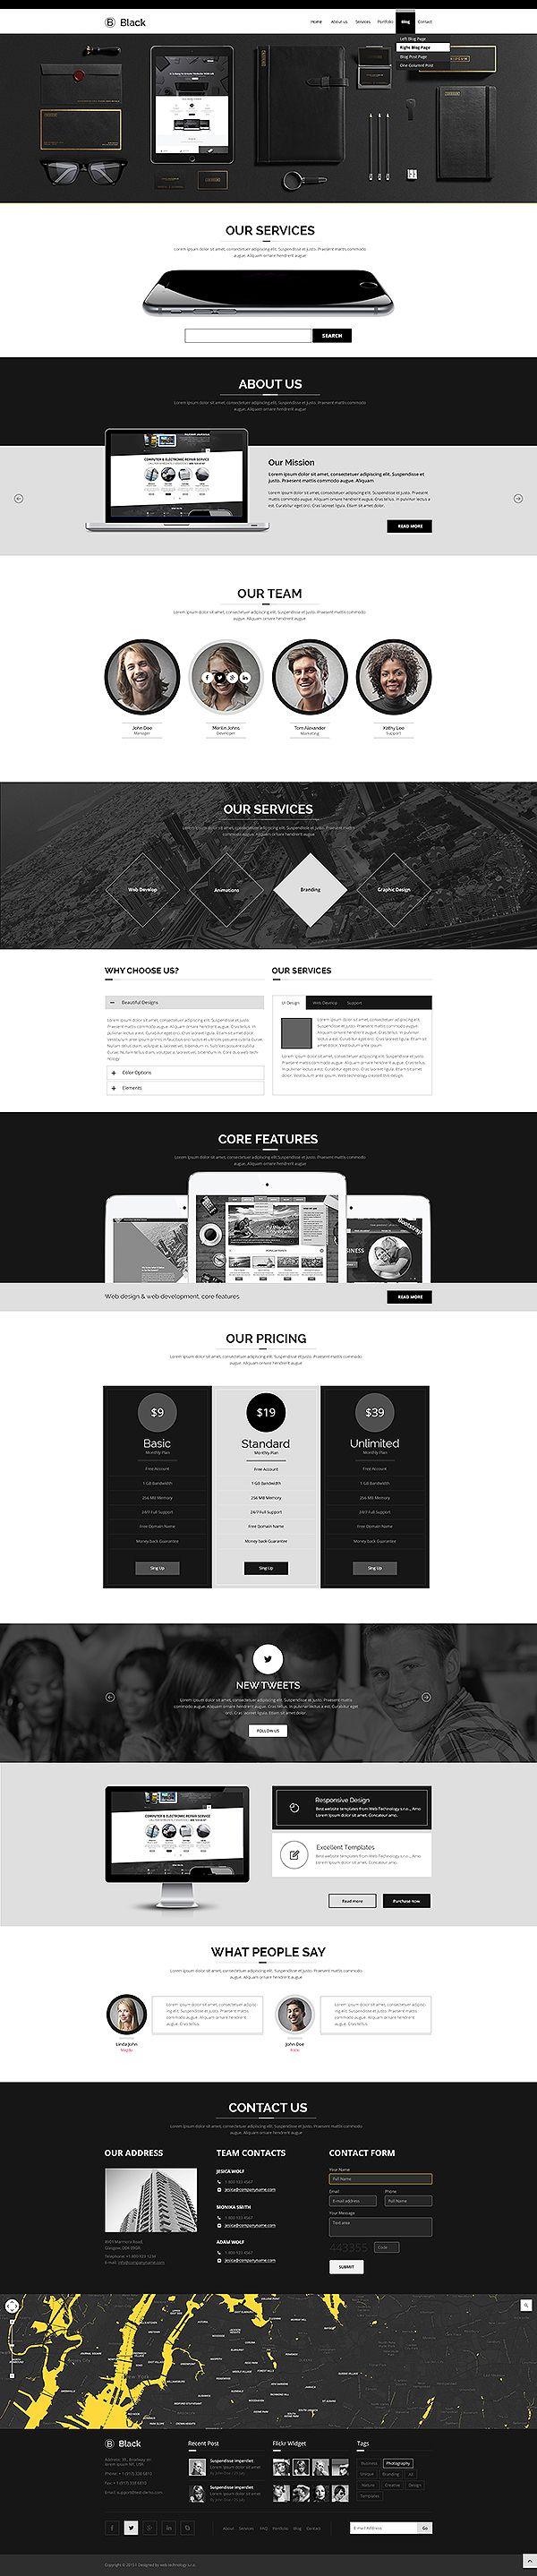 11 besten Bootstrap themes Bilder auf Pinterest | Vorlagen ...